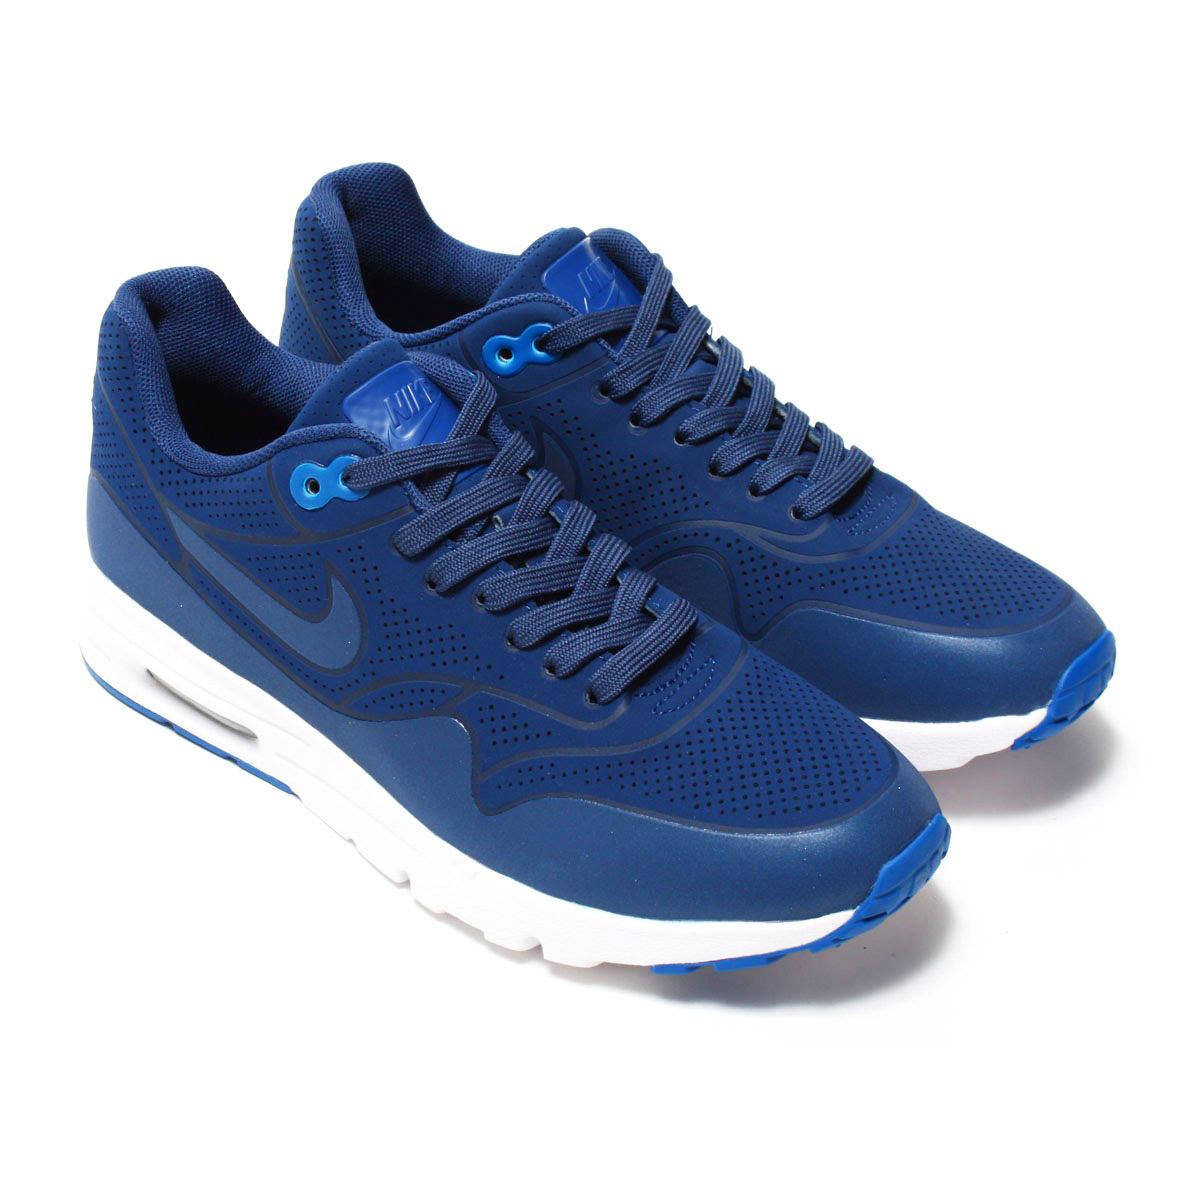 timeless design e3f7f d326a NIKE WMNS AIR MAX 1 ULTRA MOIRE (Nike wmns Air Max 1 ultra moire) COASTAL  BLUE COASTAL BLUE 16FA-I